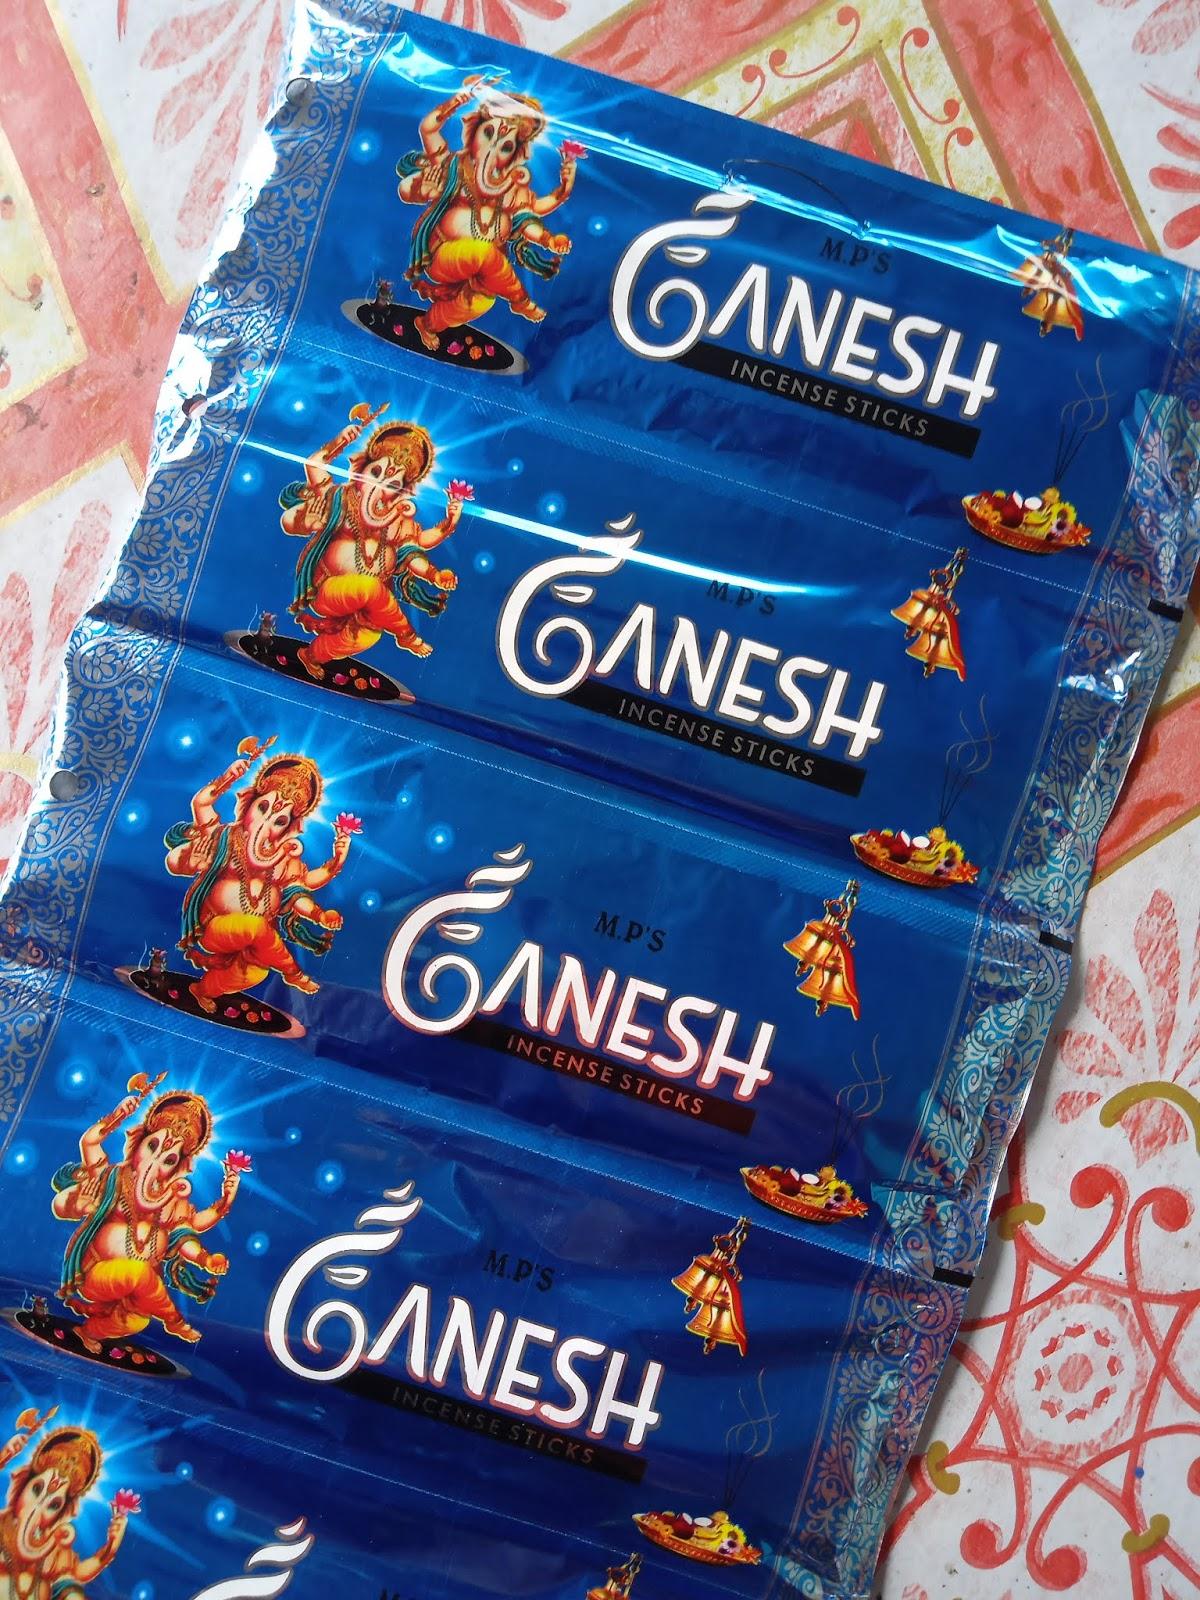 Dupa Renceng Ganesh Biru